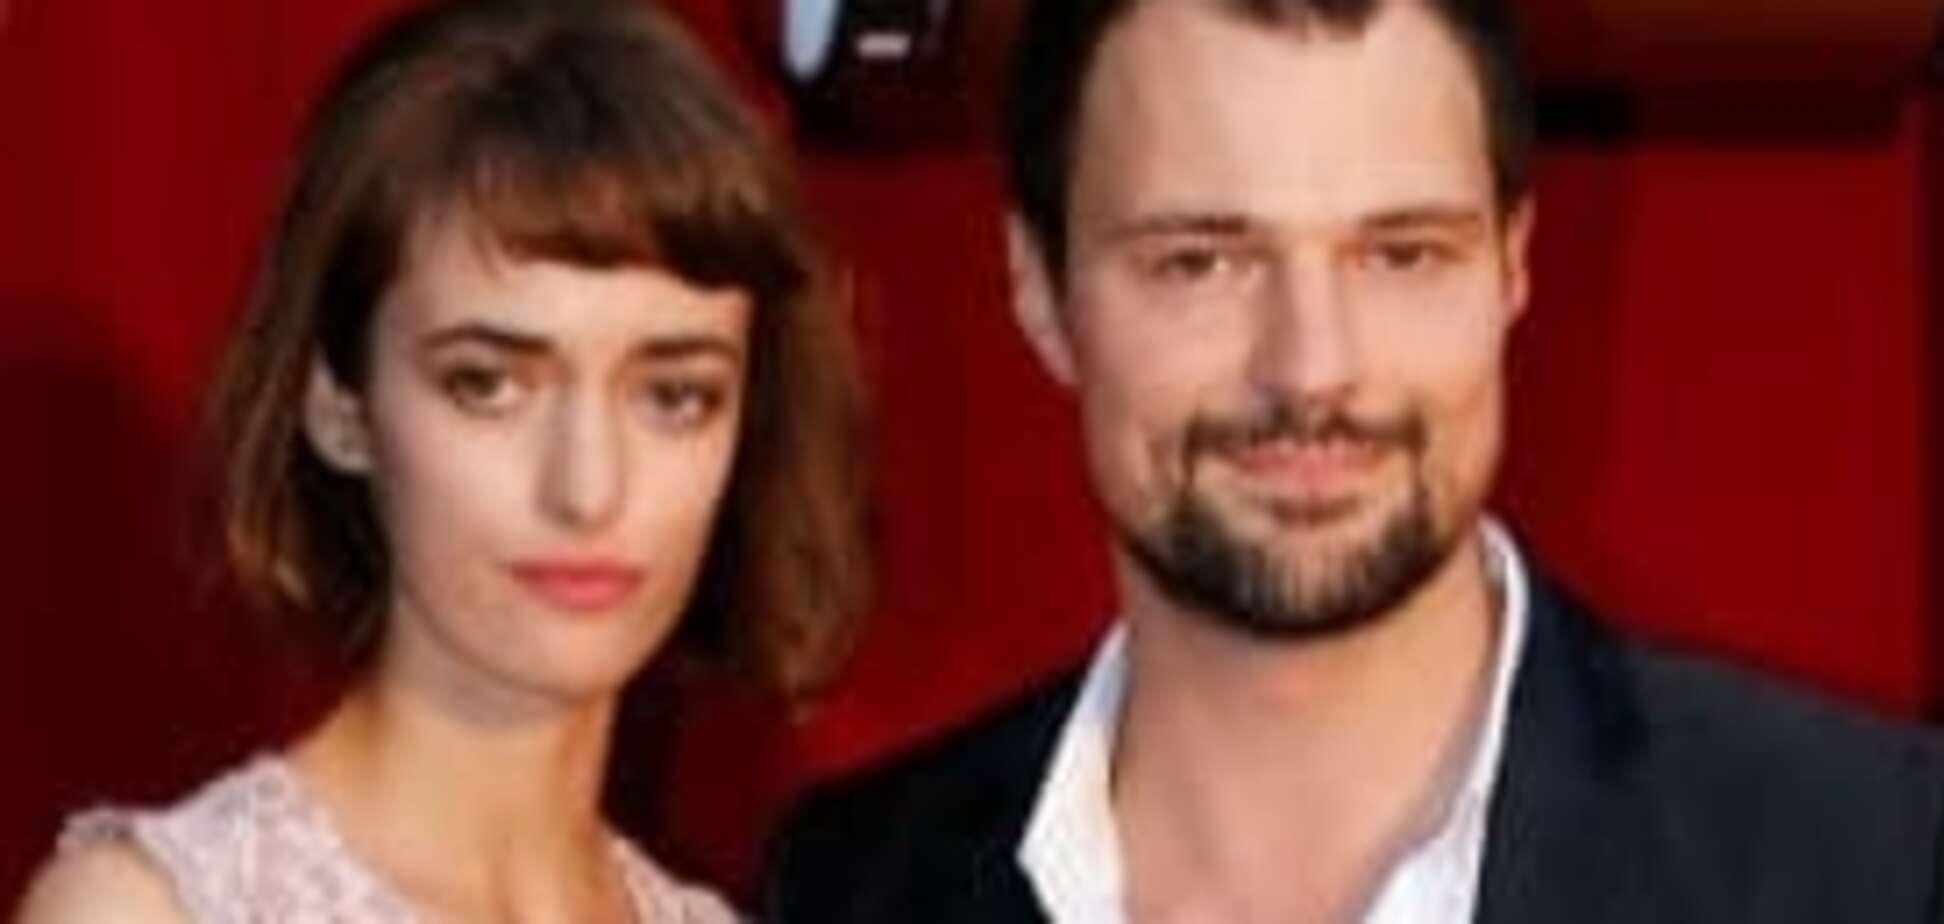 Площадь Красная видна: Данила Козловский приобрел для девушки элитное жилье